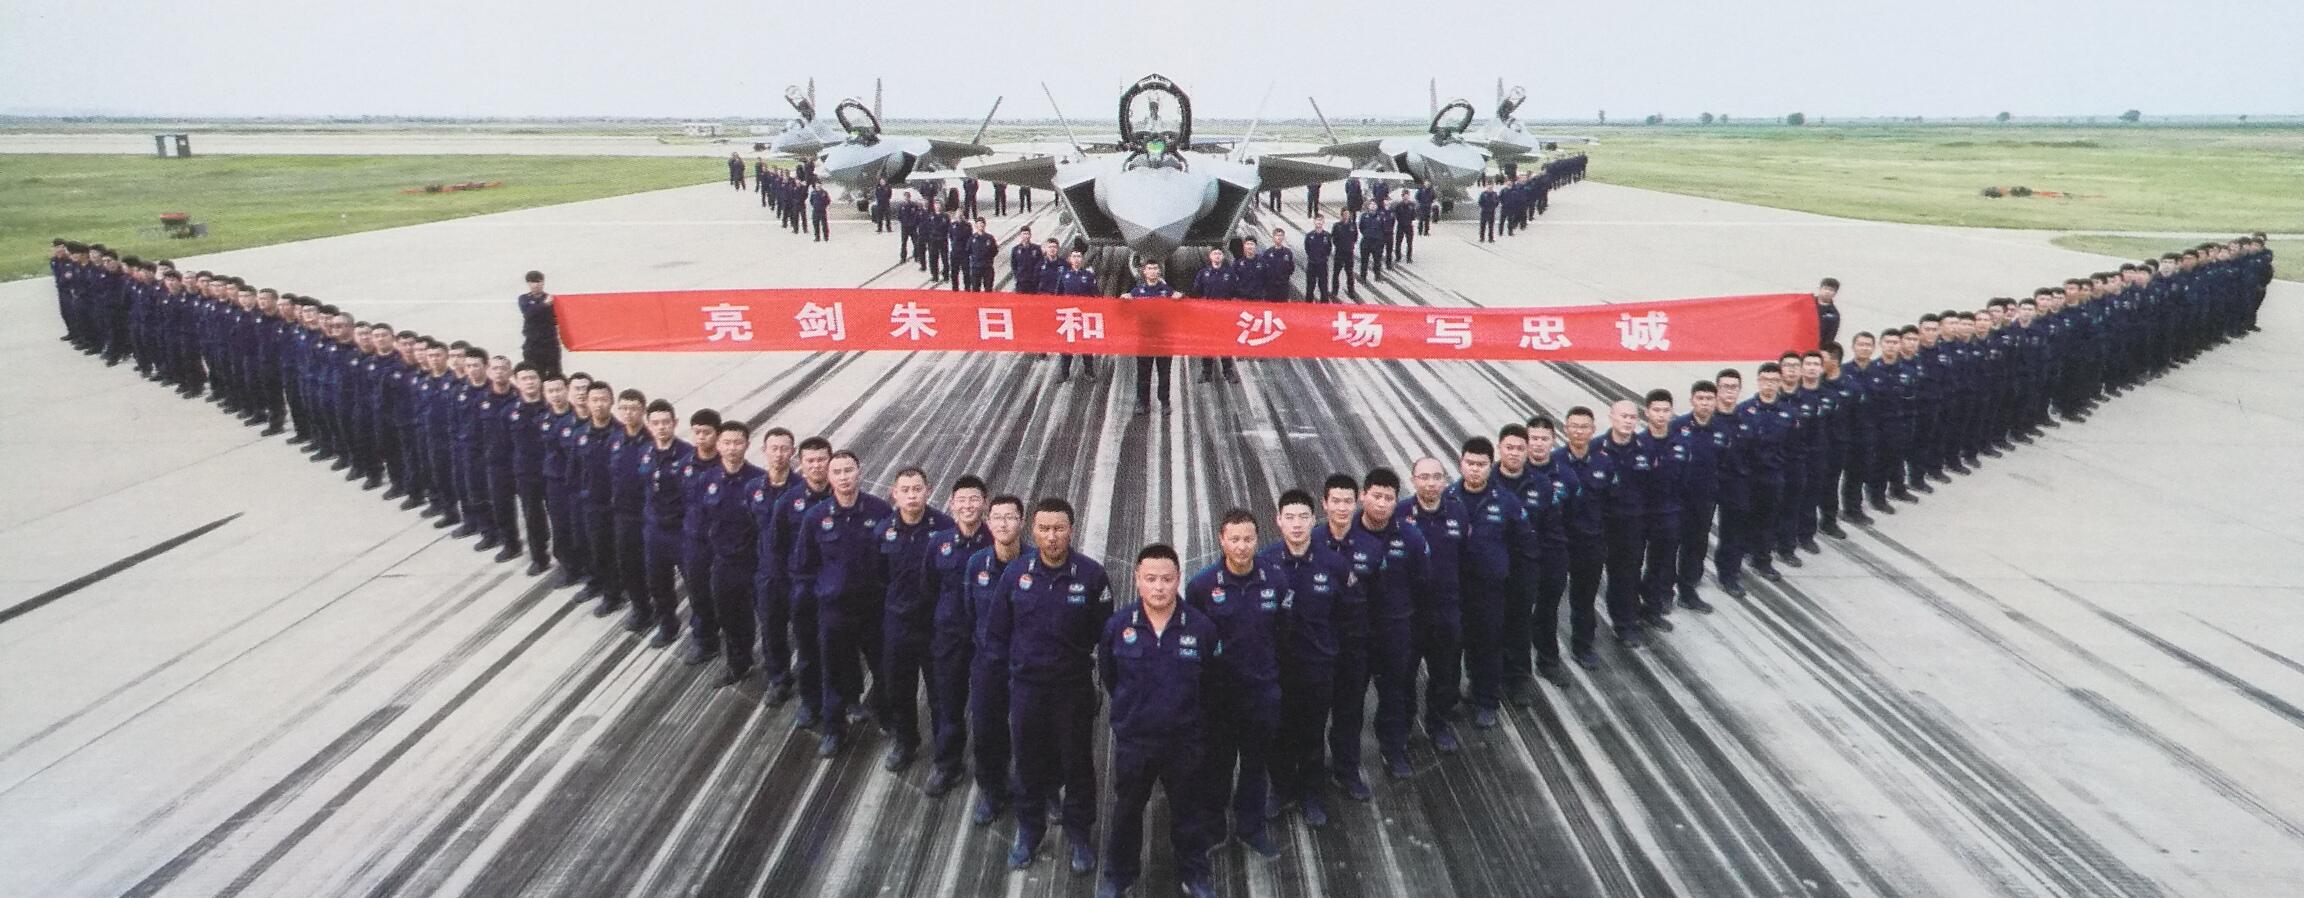 张召忠:中国实力超日本3到4倍 它才会俯首帖耳